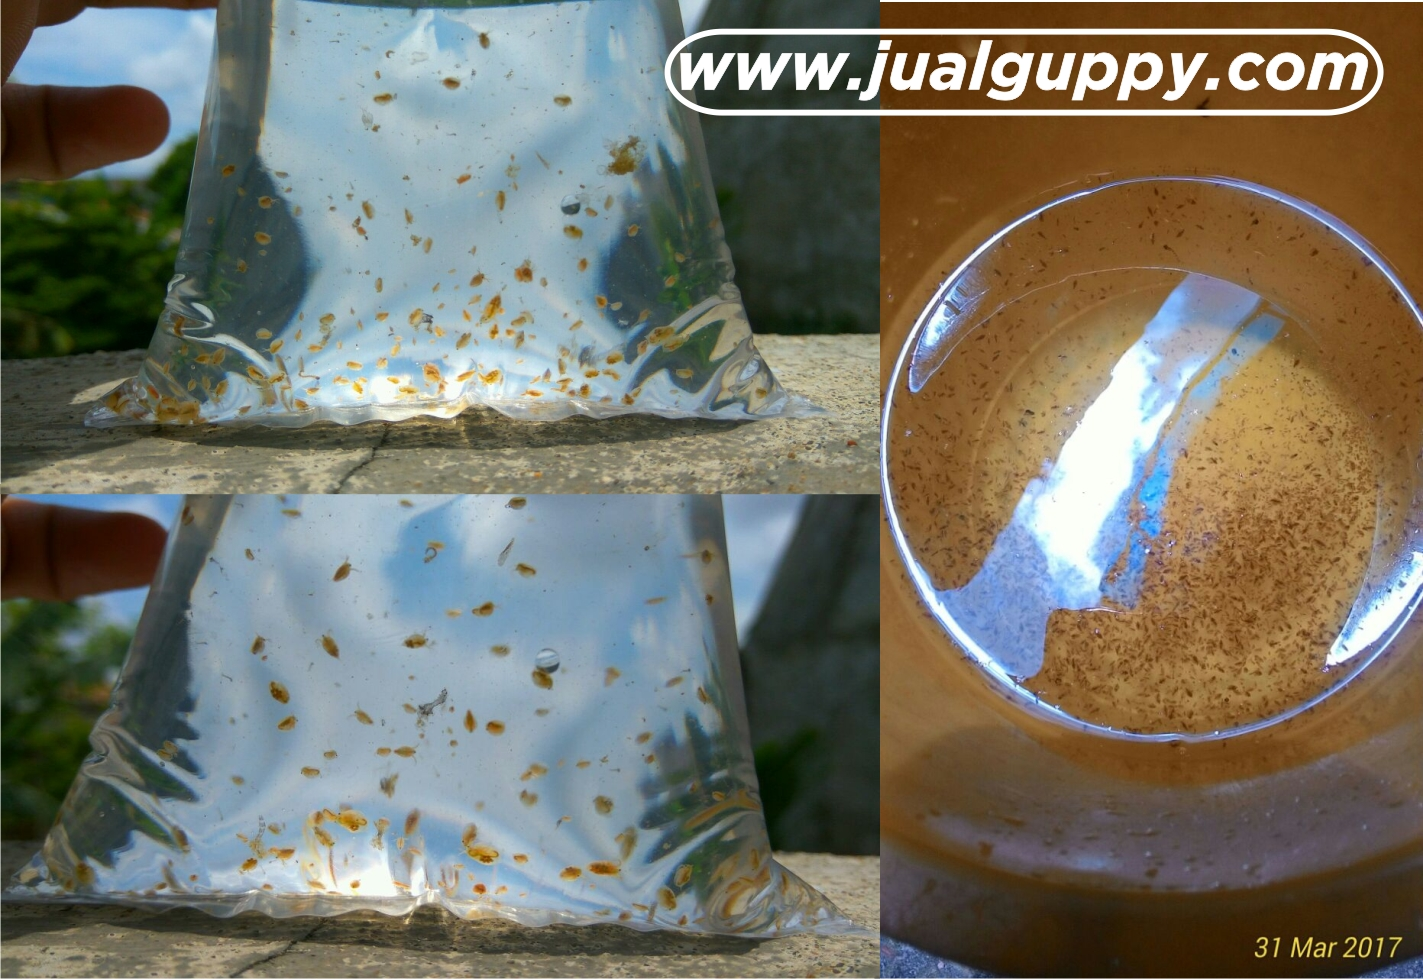 Jual daphnia magna paketan murah siap ternak gratis for Baby koi fish for sale cheap